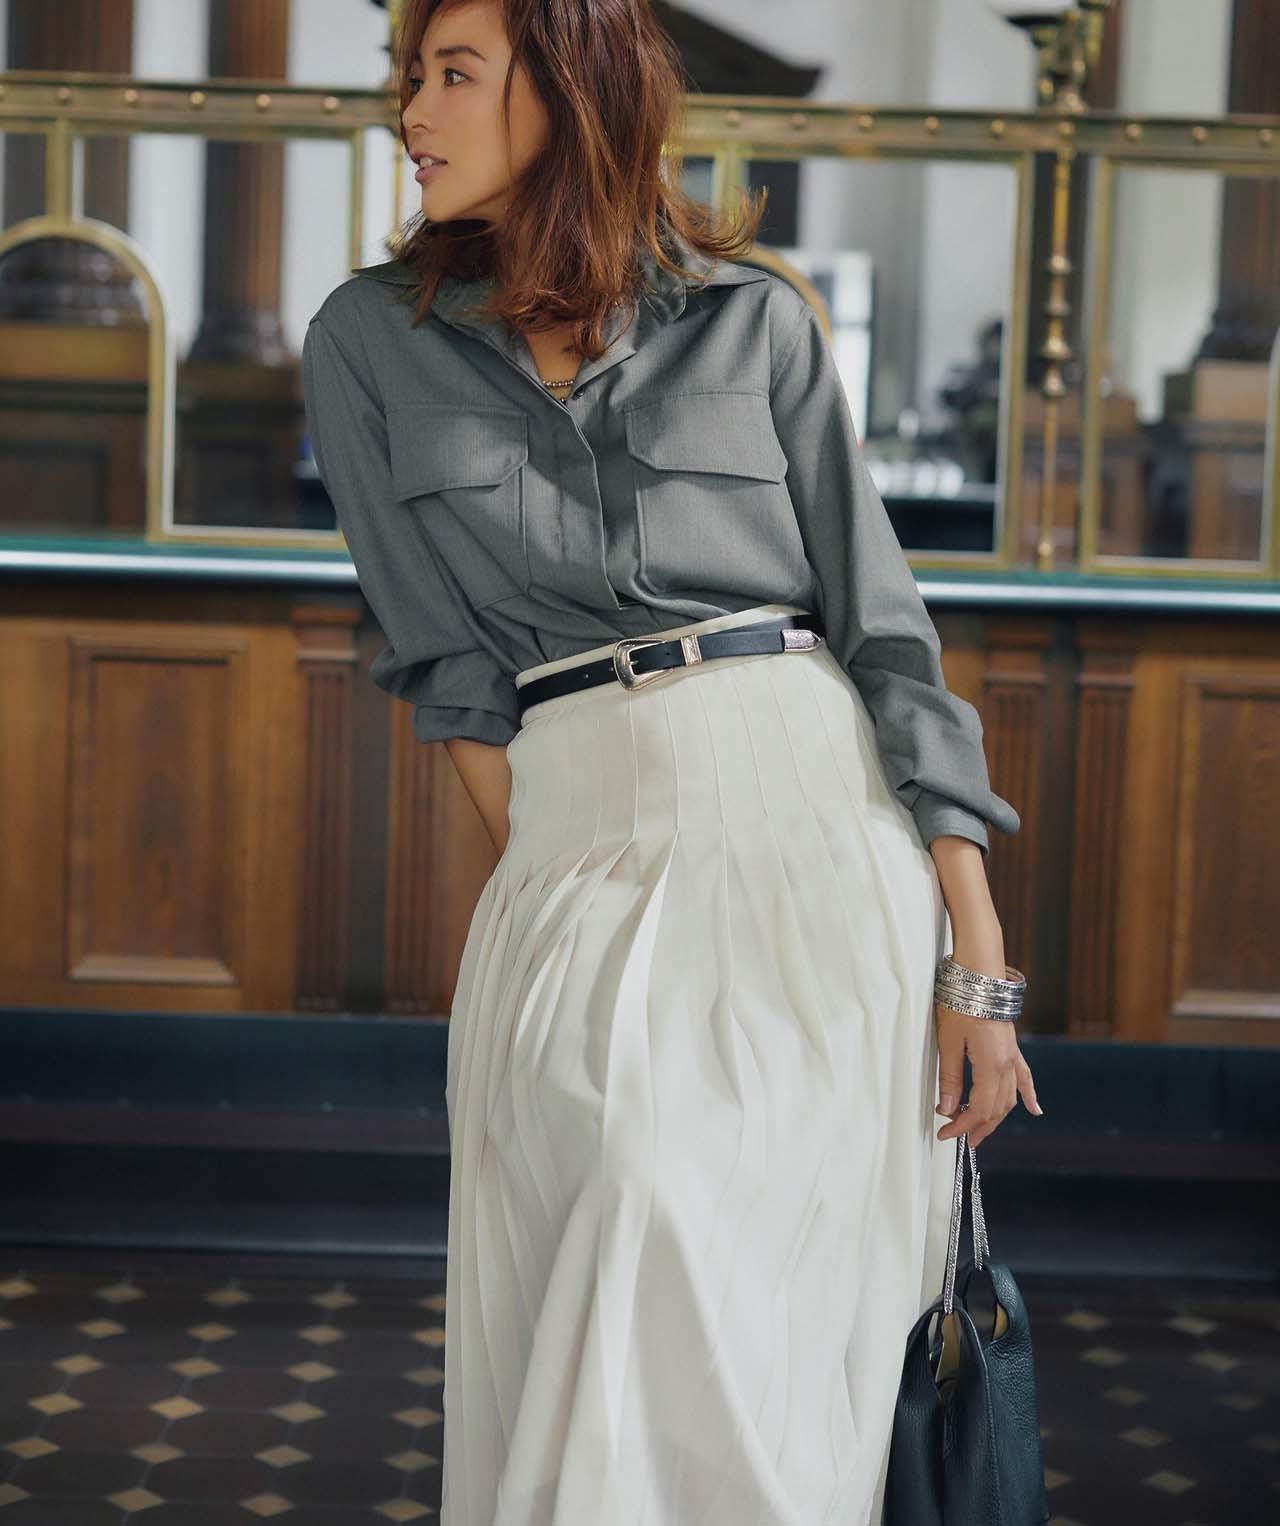 グレーシャツ×白プリーツスカートコーデを着たモデルのSHIHOさん